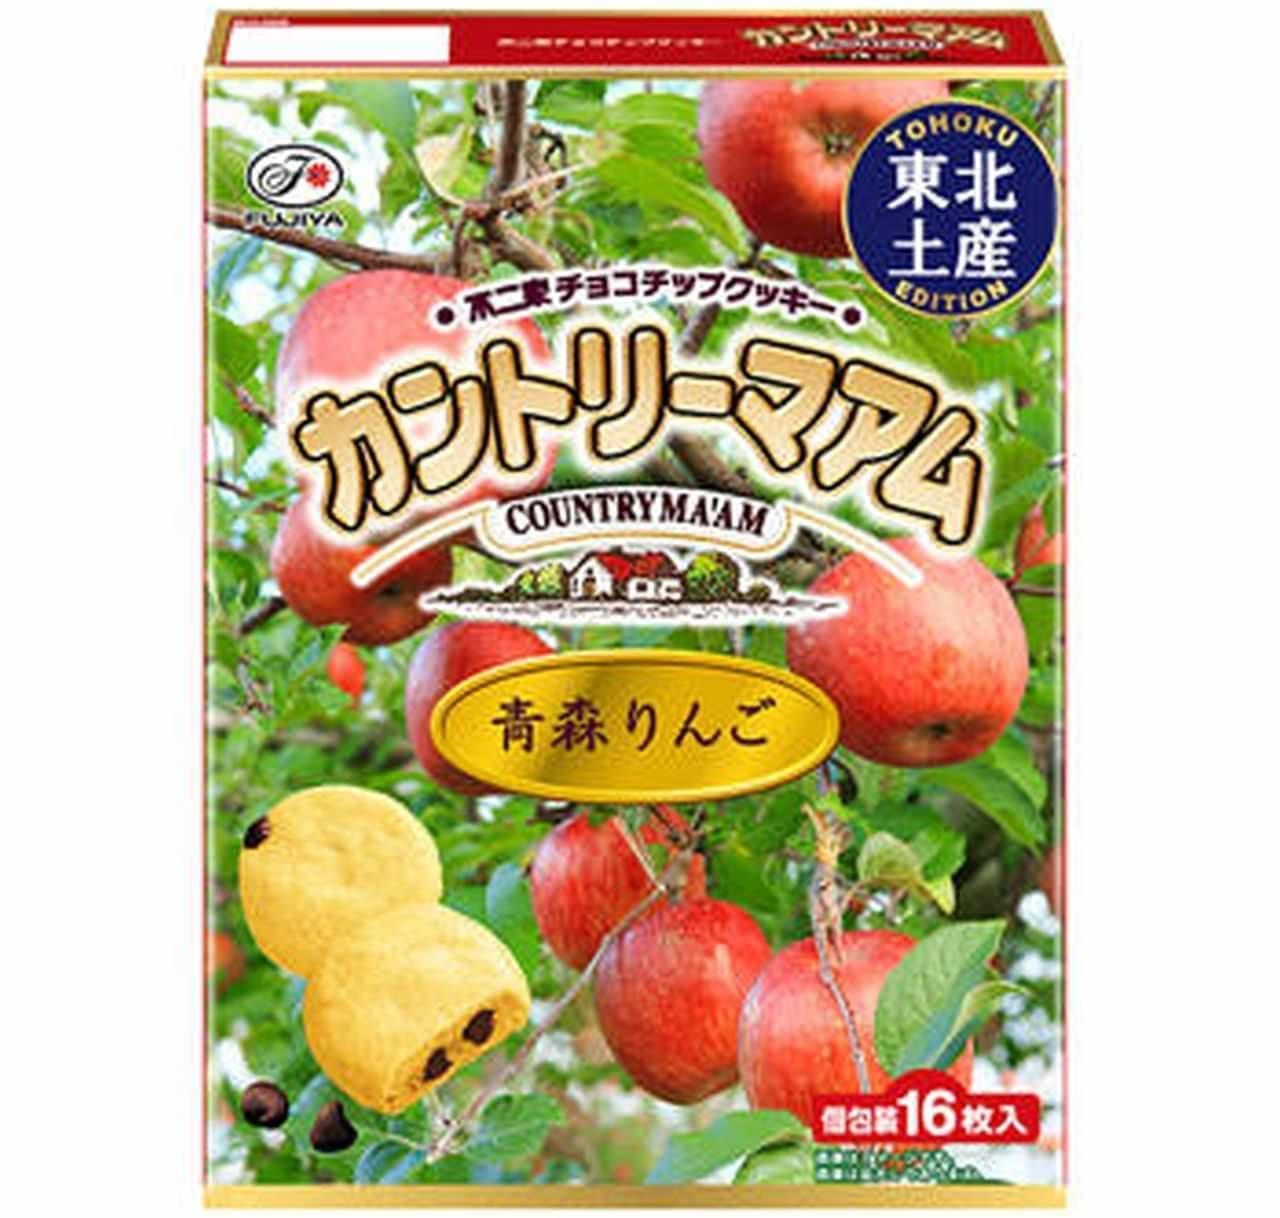 カントリーマアム「「【東北限定】16枚カントリーマアム(青森りんご)」」